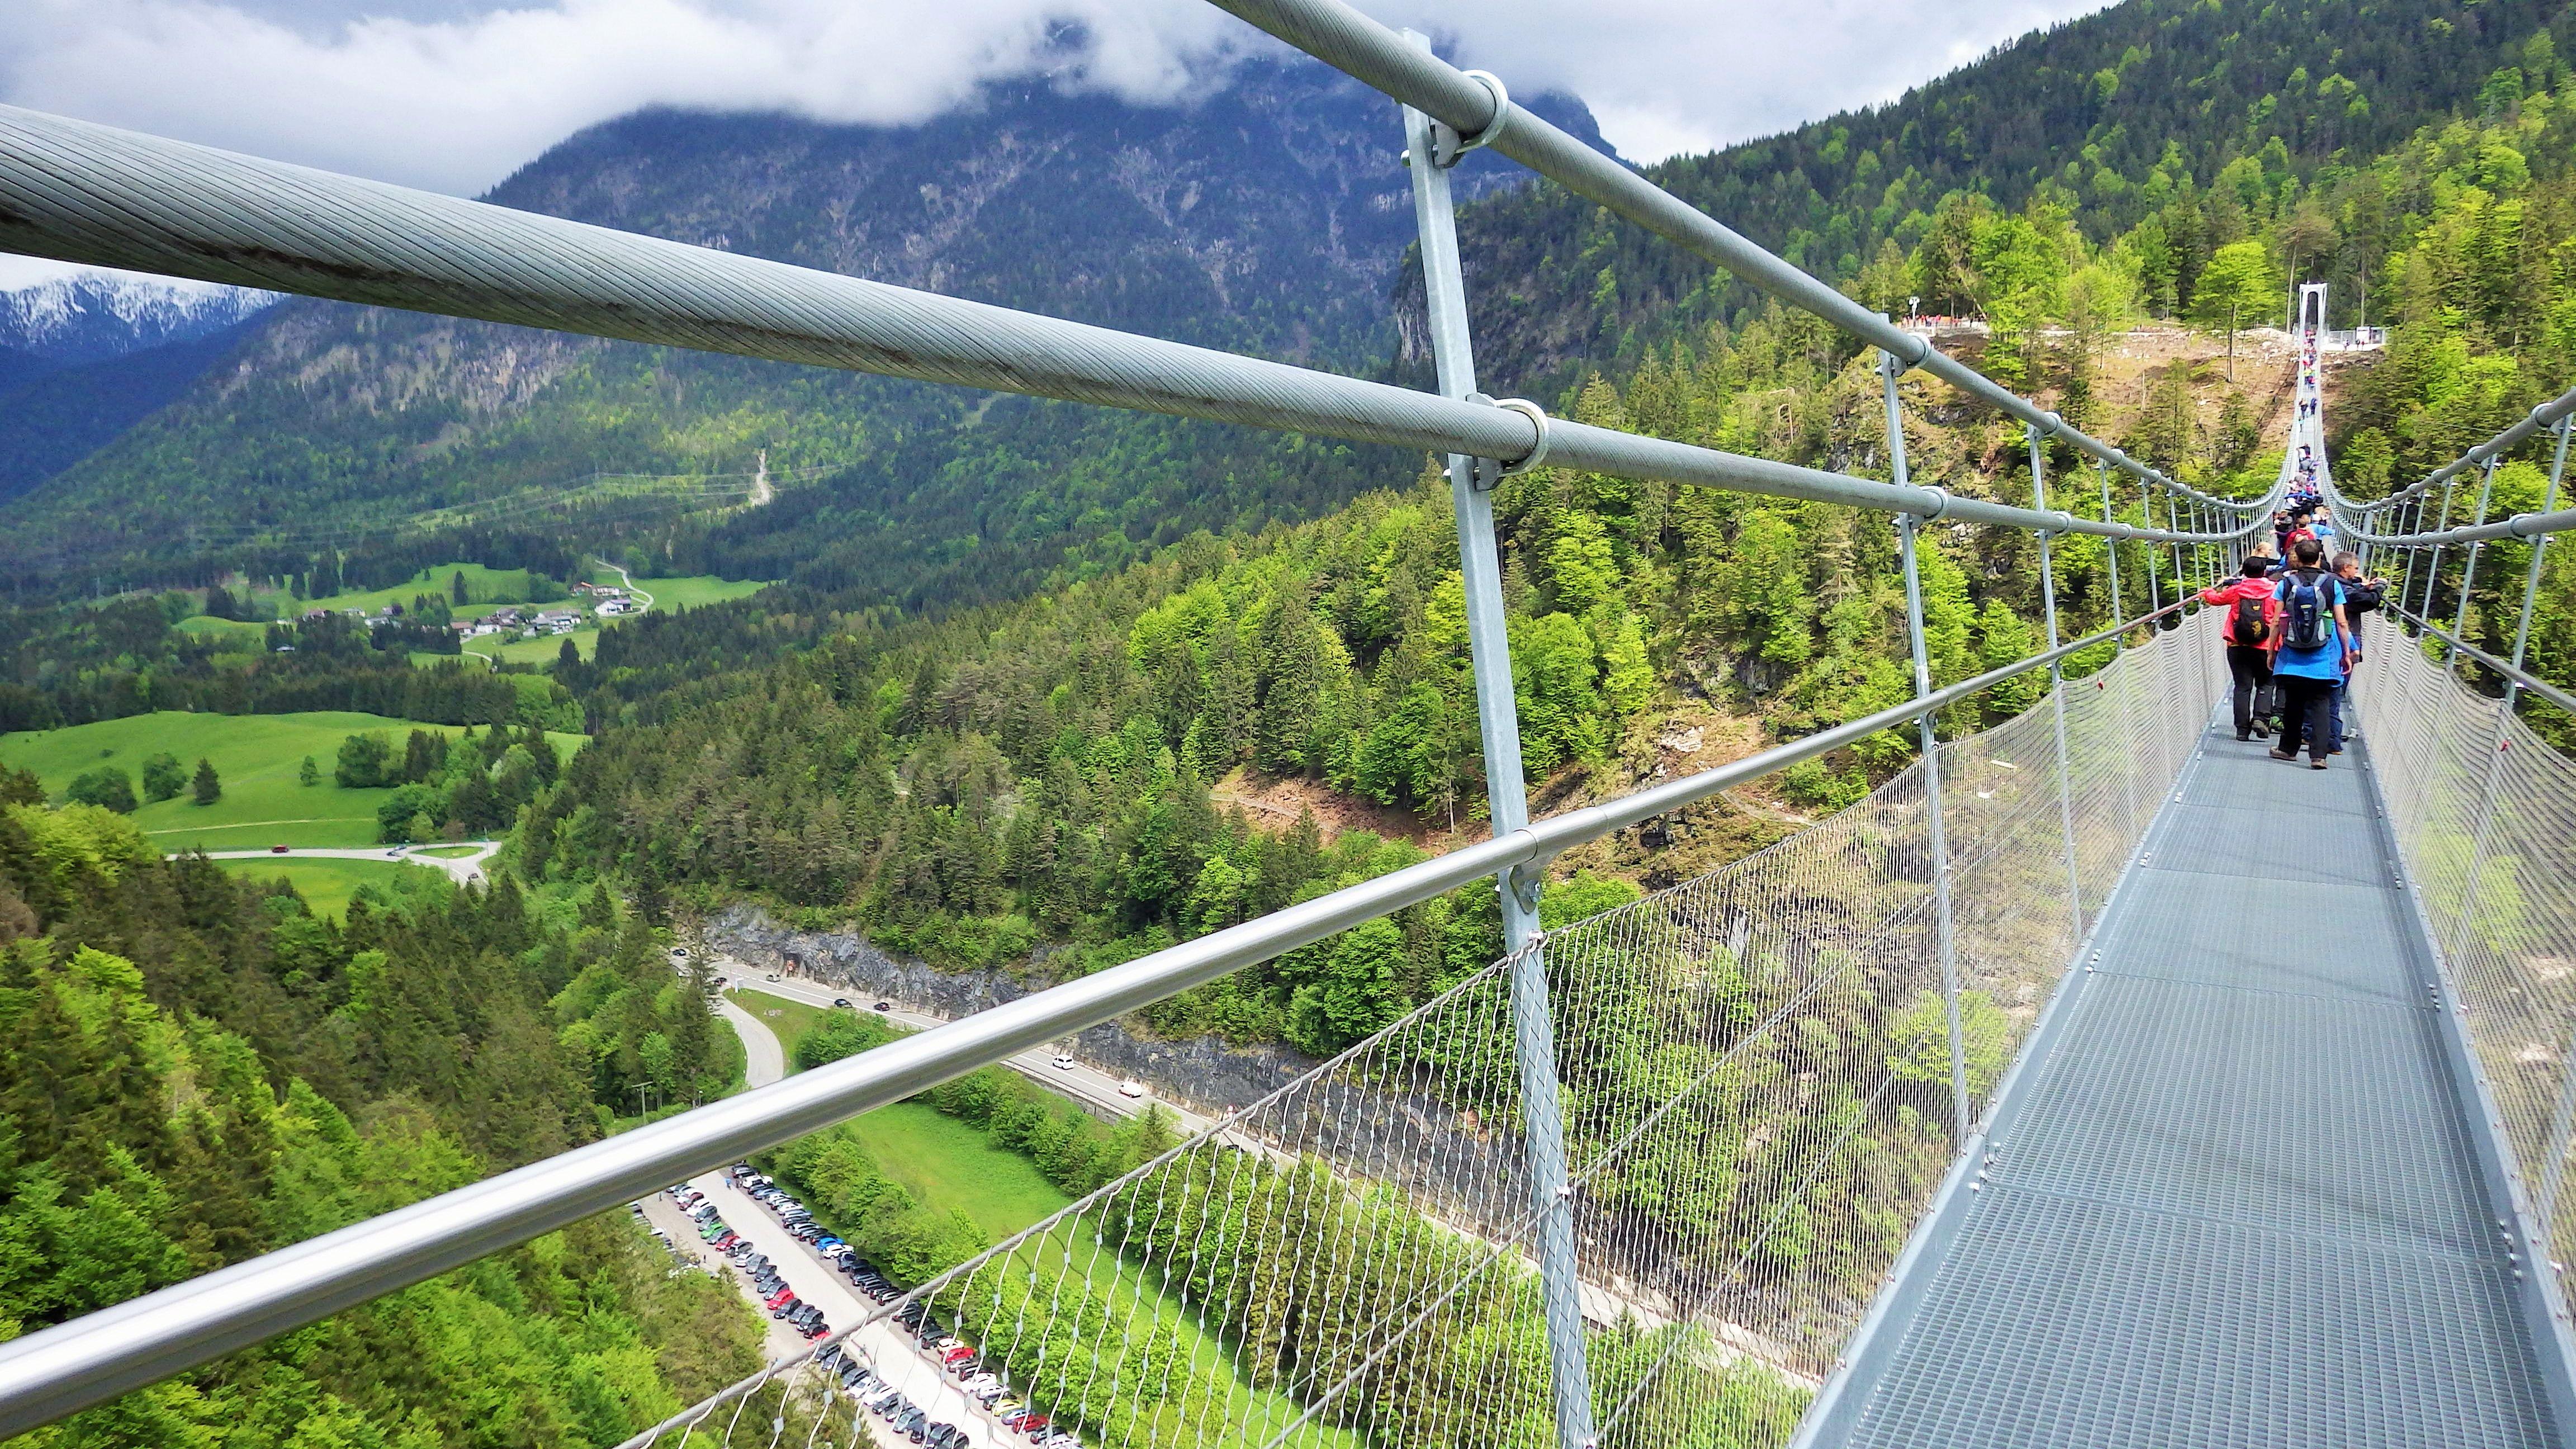 Highline 20. 20 Longest pedestrian suspension bridge in the ...